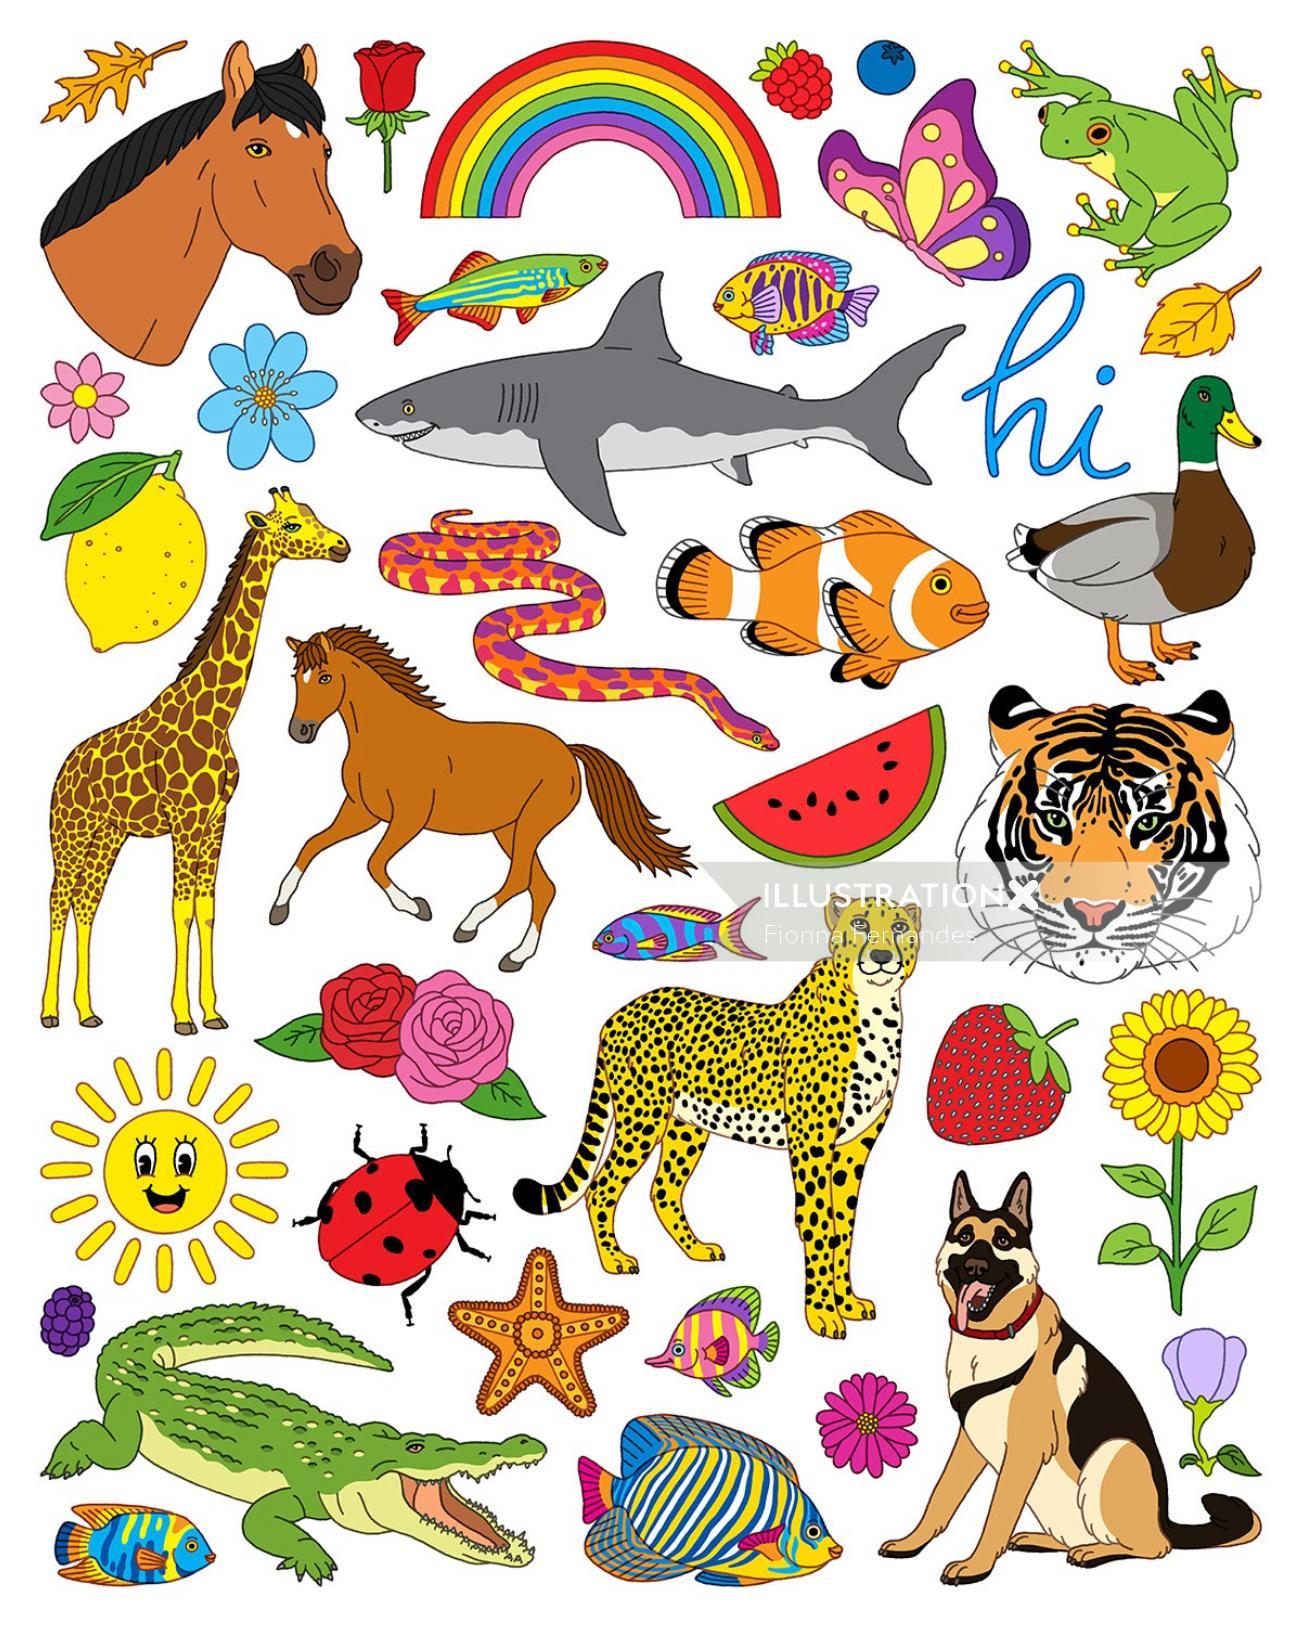 Animal Collage : animal, collage, Animals, Nature, Illustration, Fionna, Fernandes